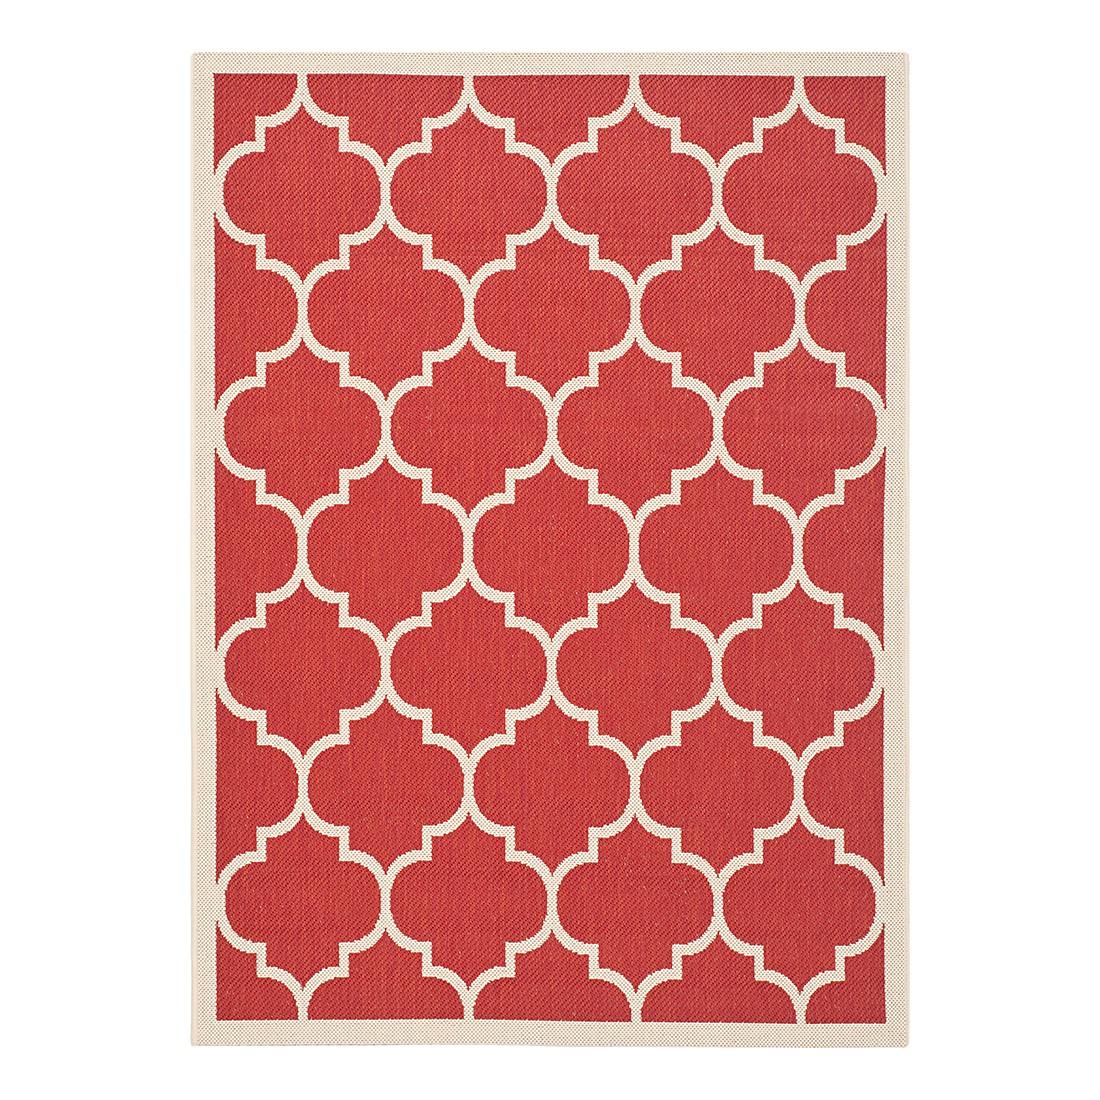 In-/Outdoorteppich Monaco – Rot/Beige – Maße: 60 x 109 cm, Safavieh günstig